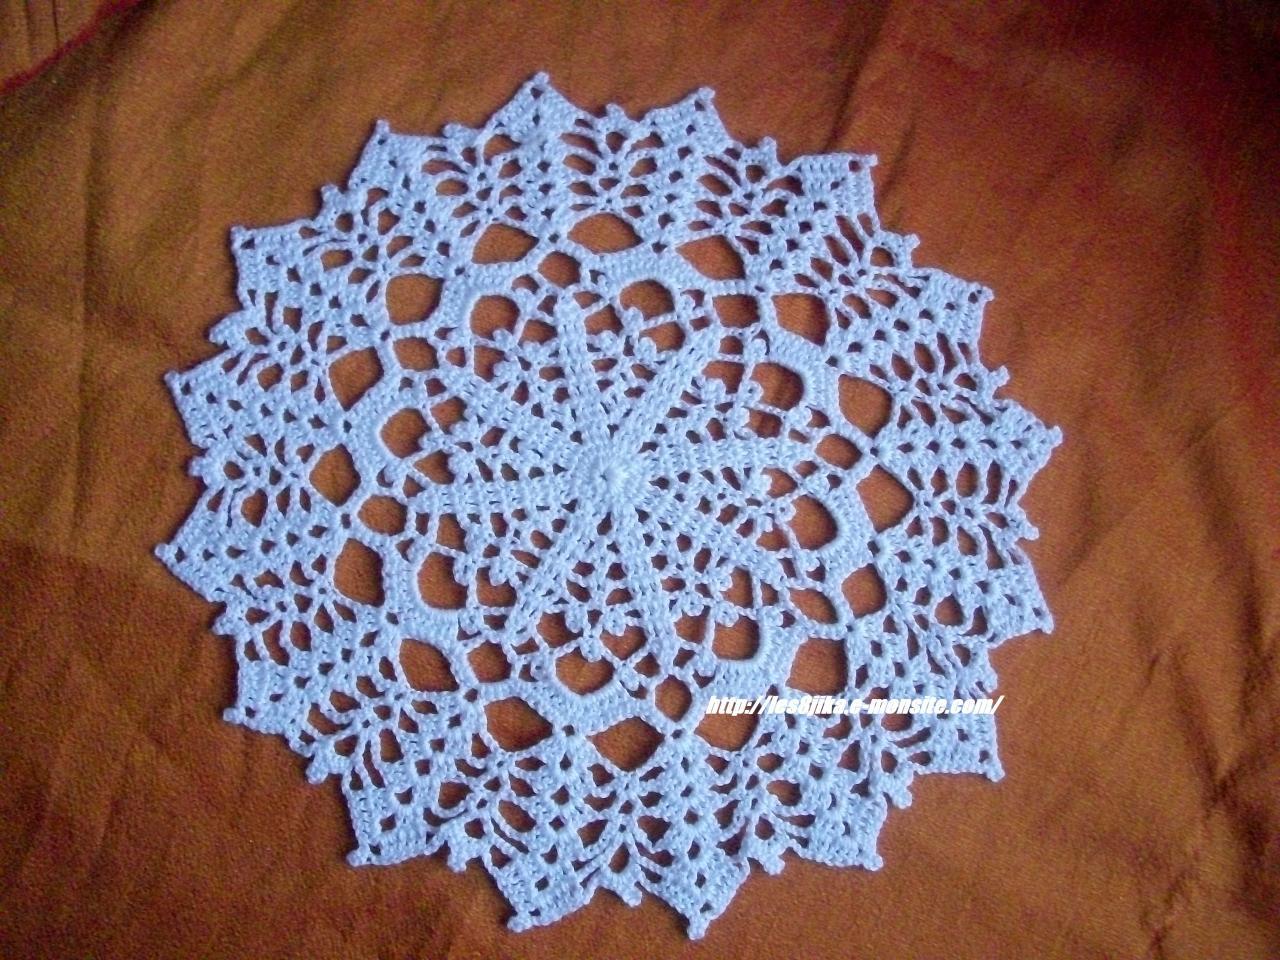 Site de crochet et napperons ronds et grilles gratuites - Napperon crochet grille gratuite ...